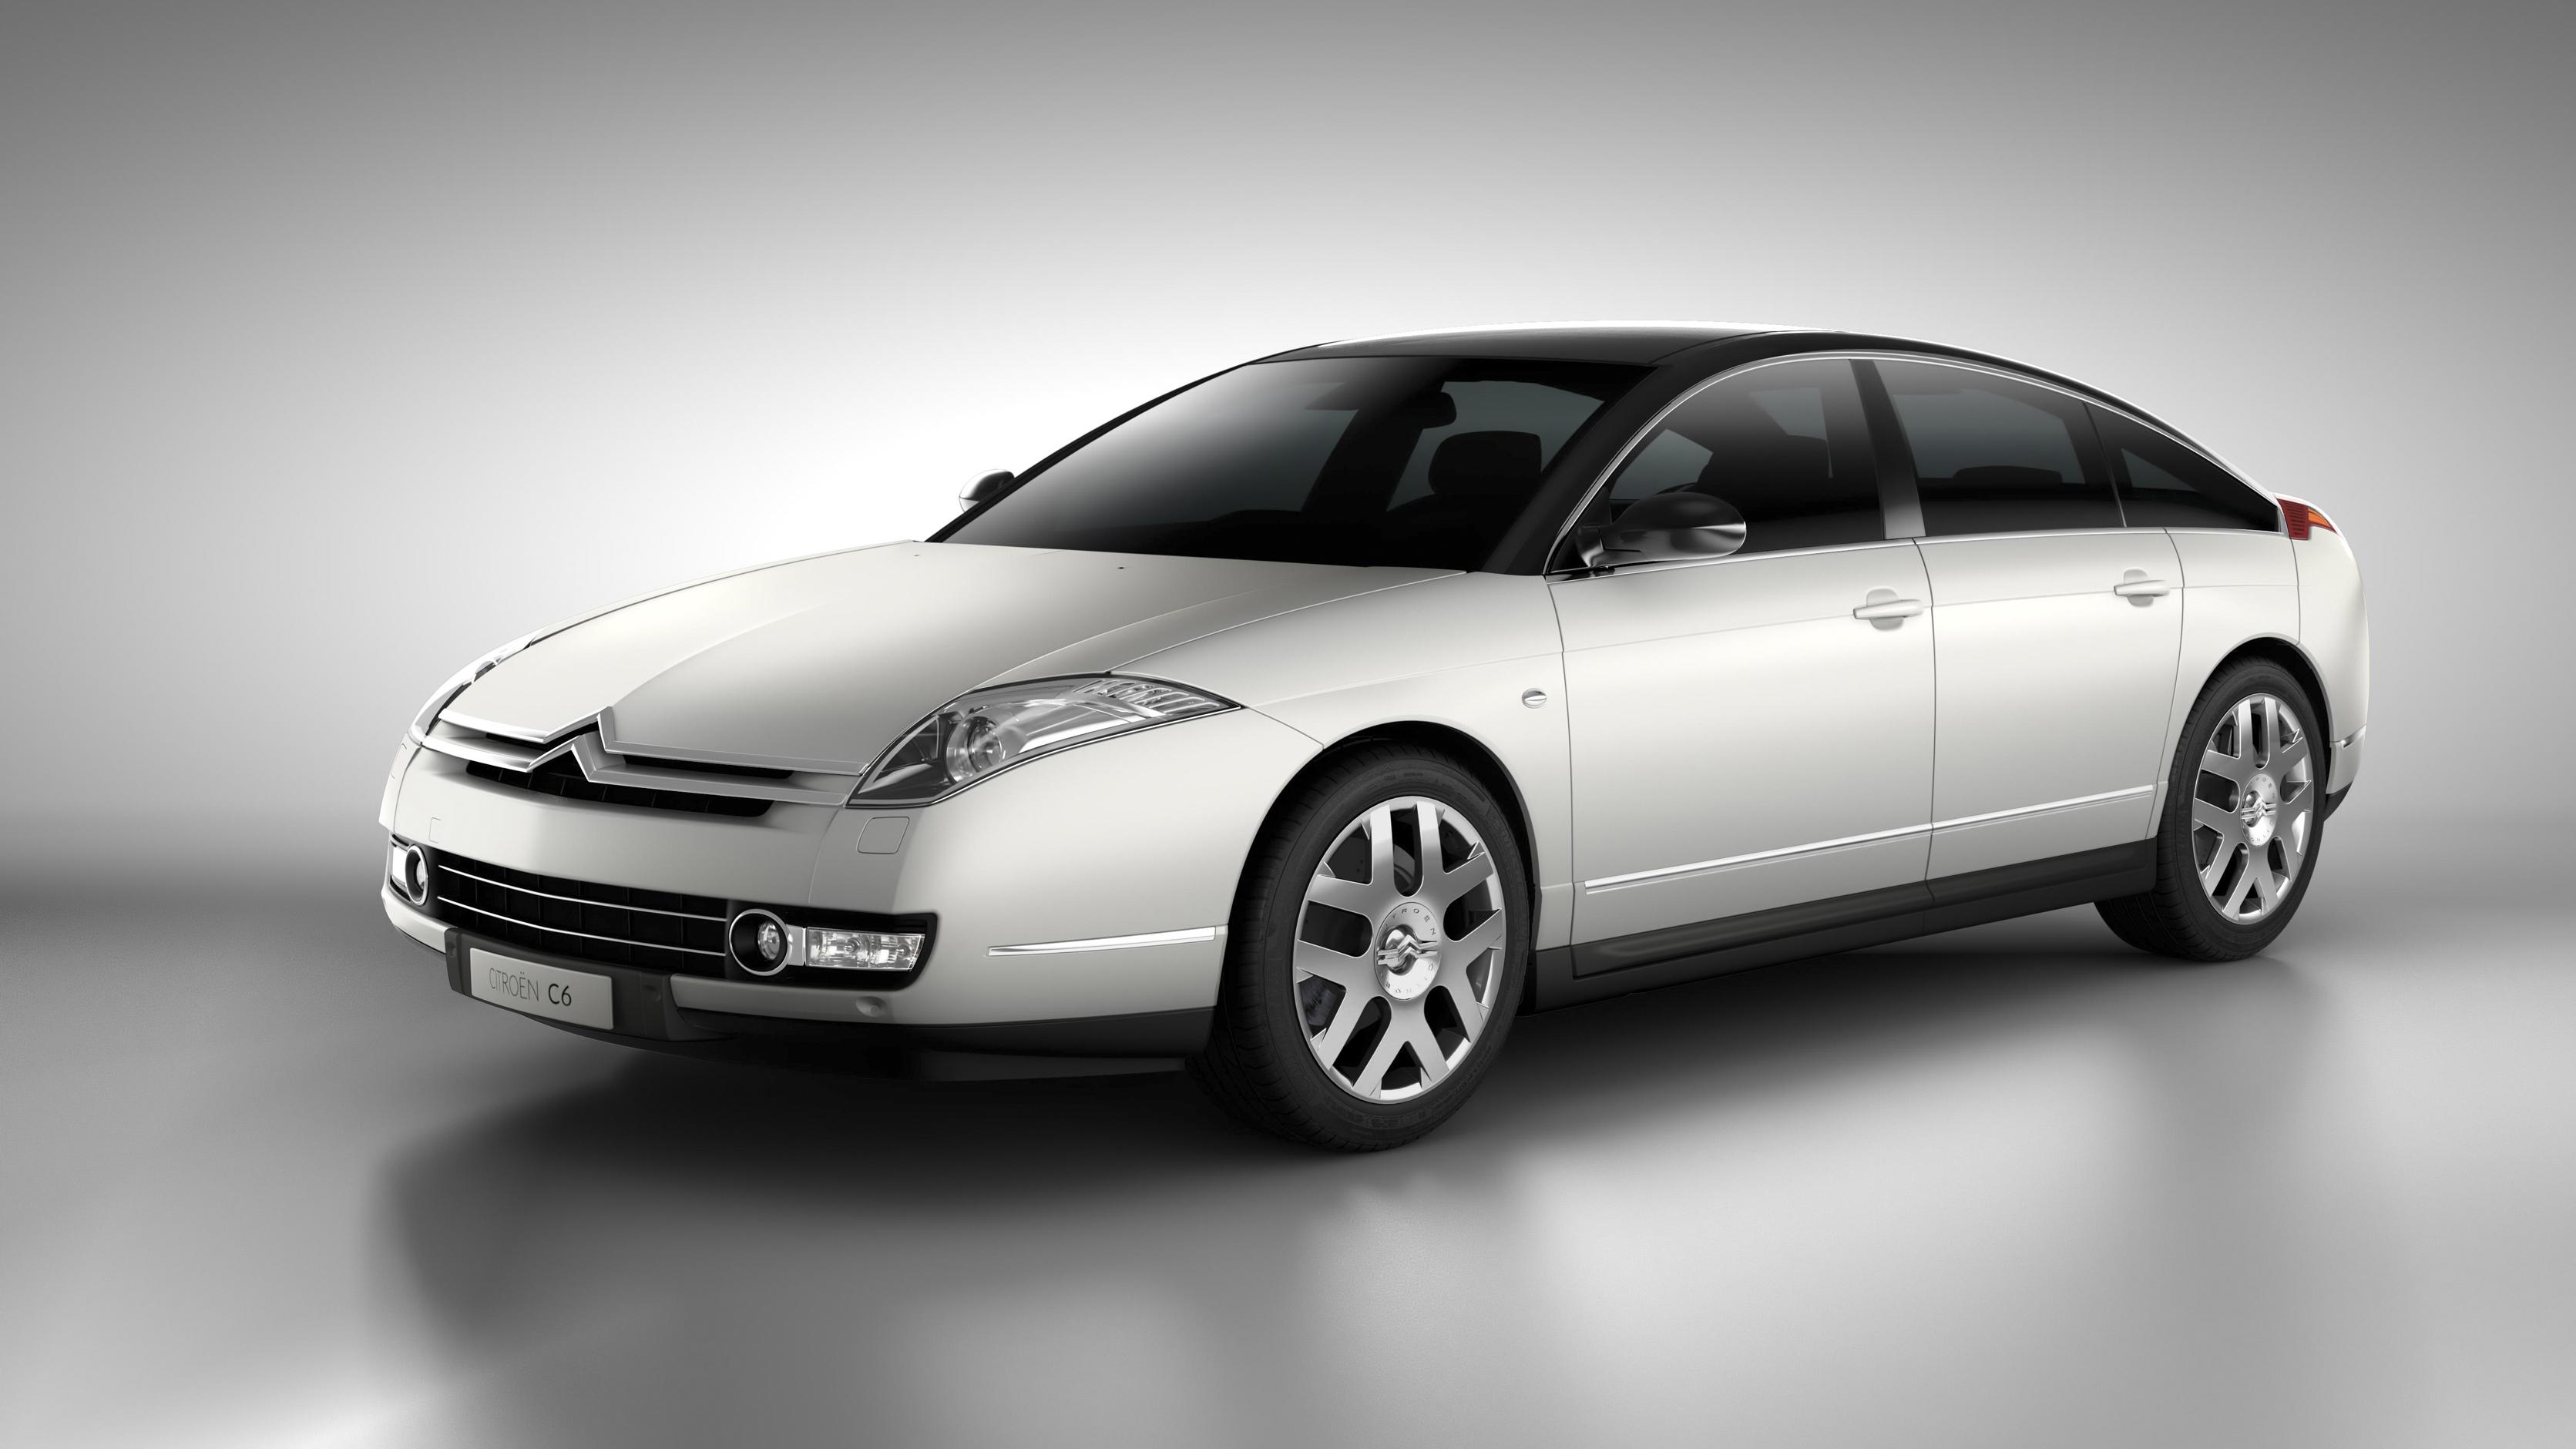 Citroën C6 Galerie U2013 Eine Hommage An Den Klassiker, Den Wir Nicht Auf Der  Messe Zeigen Können: